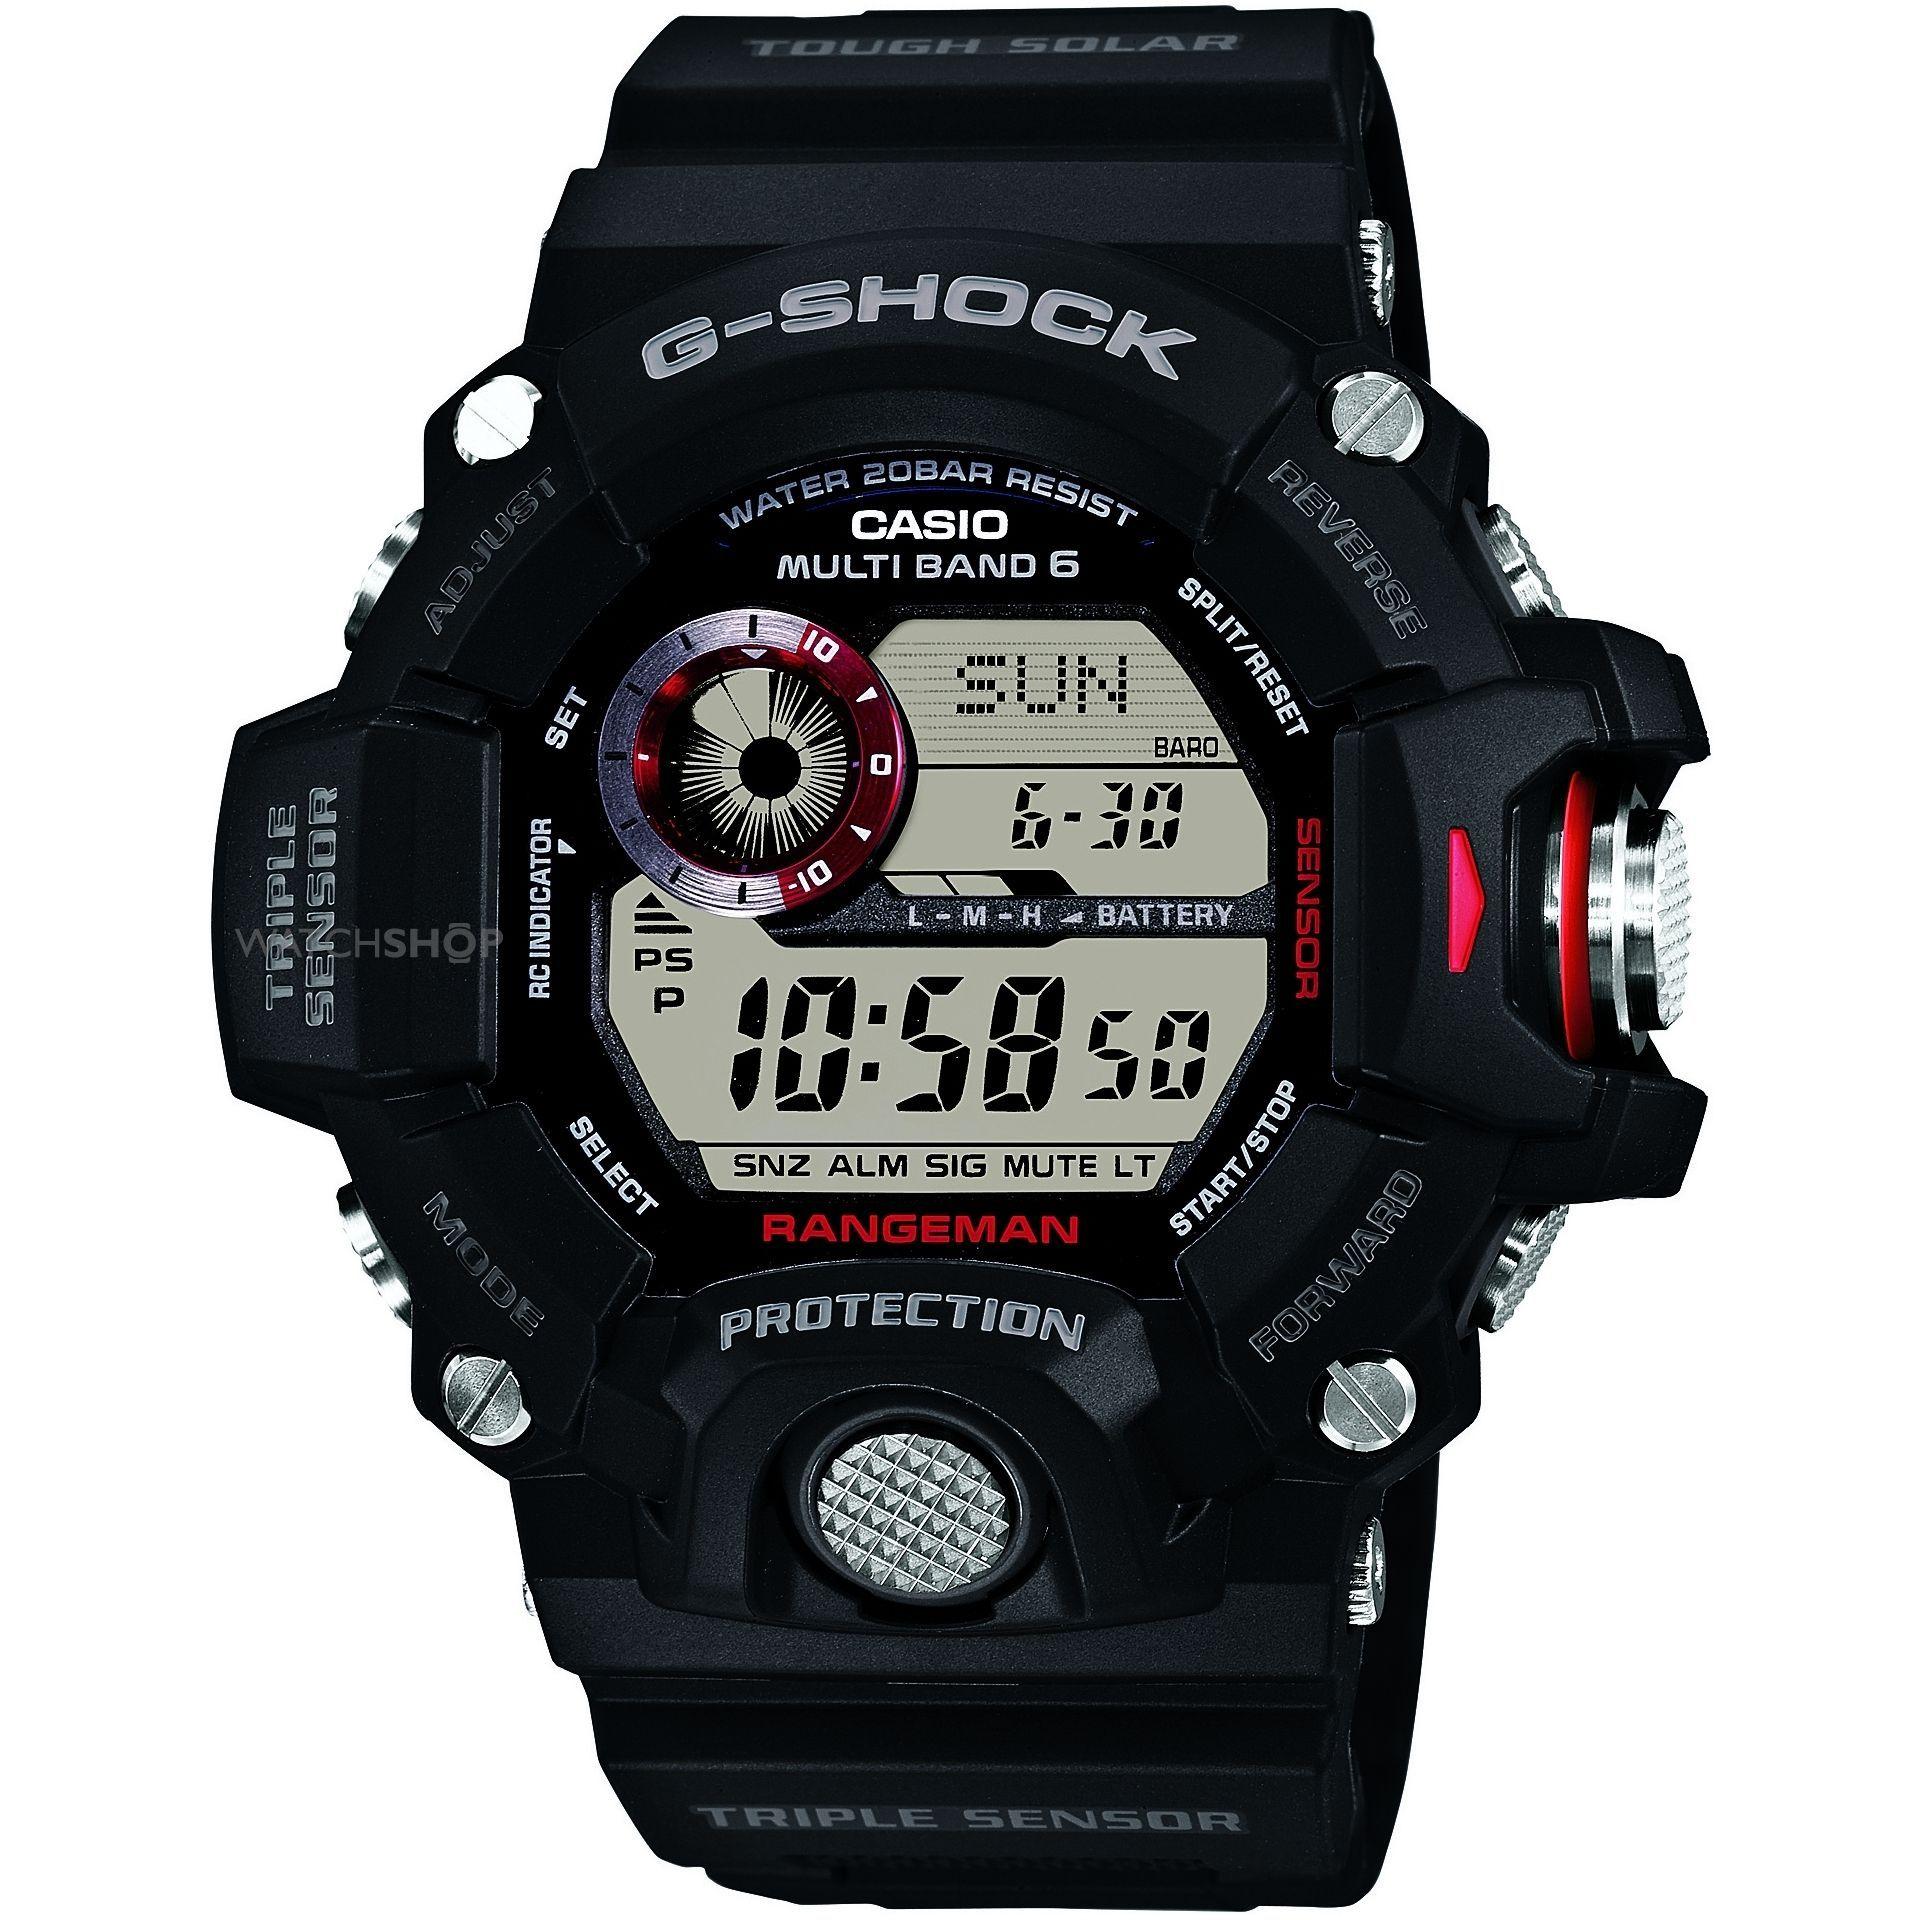 Casio G-SHOCK GW-9400-1E / GW-9400-1ER - мужские наручные часыCasio<br><br><br>Бренд: Casio<br>Модель: Casio GW-9400-1E<br>Артикул: GW-9400-1E<br>Вариант артикула: GW-9400-1ER<br>Коллекция: G-SHOCK<br>Подколлекция: None<br>Страна: Япония<br>Пол: мужские<br>Тип механизма: кварцевые<br>Механизм: None<br>Количество камней: None<br>Автоподзавод: None<br>Источник энергии: от солнечной батареи<br>Срок службы элемента питания: None<br>Дисплей: цифры<br>Цифры: None<br>Водозащита: WR 200<br>Противоударные: есть<br>Материал корпуса: пластик<br>Материал браслета: пластик<br>Материал безеля: None<br>Стекло: минеральное<br>Антибликовое покрытие: None<br>Цвет корпуса: None<br>Цвет браслета: None<br>Цвет циферблата: None<br>Цвет безеля: None<br>Размеры: 53.5x55.2x18.2 мм<br>Диаметр: None<br>Диаметр корпуса: None<br>Толщина: None<br>Ширина ремешка: None<br>Вес: 93 г<br>Спорт-функции: секундомер, таймер обратного отсчета, высотомер, барометр, термометр, компас<br>Подсветка: дисплея<br>Вставка: None<br>Отображение даты: вечный календарь, число, месяц, день недели<br>Хронограф: None<br>Таймер: None<br>Термометр: None<br>Хронометр: None<br>GPS: None<br>Радиосинхронизация: None<br>Барометр: None<br>Скелетон: None<br>Дополнительная информация: автоподсветка, коррекция времени по радиосигналу, ежечасный сигнал, повтор сигнала будильника, отображение времени восхода и захода Солнца, функция сохранения энергии, функция включения/отключения звука кнопок, время работы аккумулятора без подзарядки - 8 месяцев, с использованием функции сохранения энергии - 23 месяца<br>Дополнительные функции: индикатор запаса хода, второй часовой пояс, будильник (количество установок: 5)